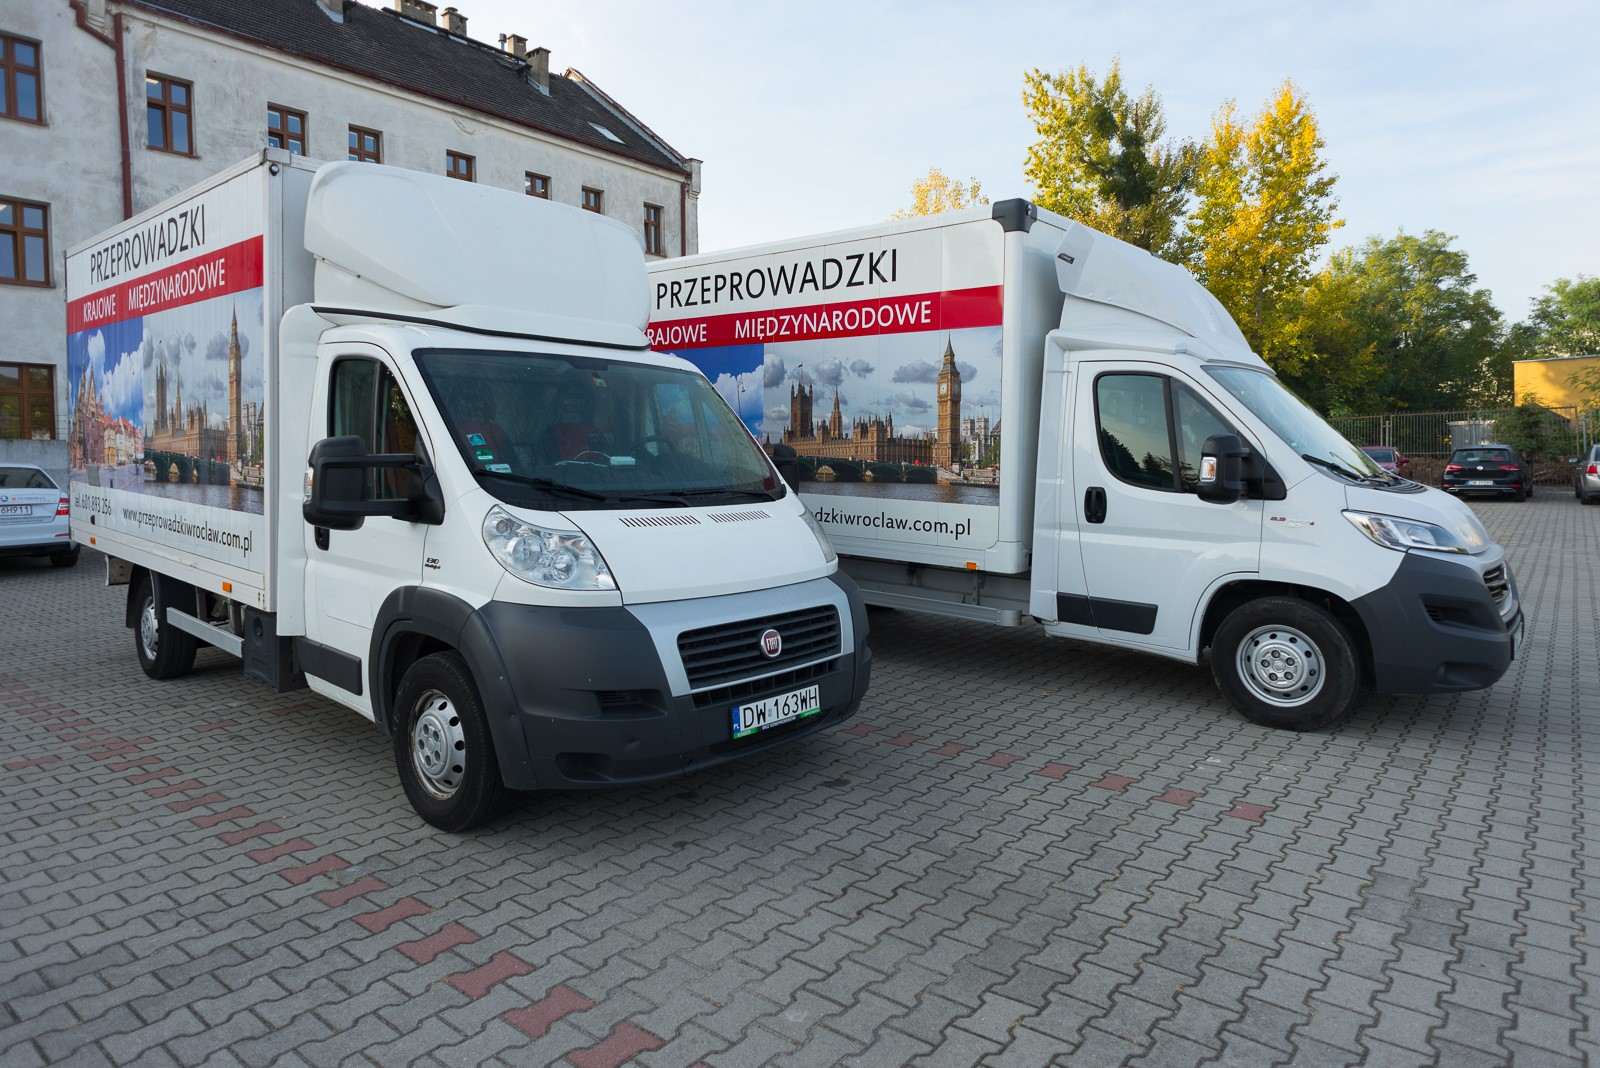 Przeprowadzki Wroclaw - Eurospiner flota 3